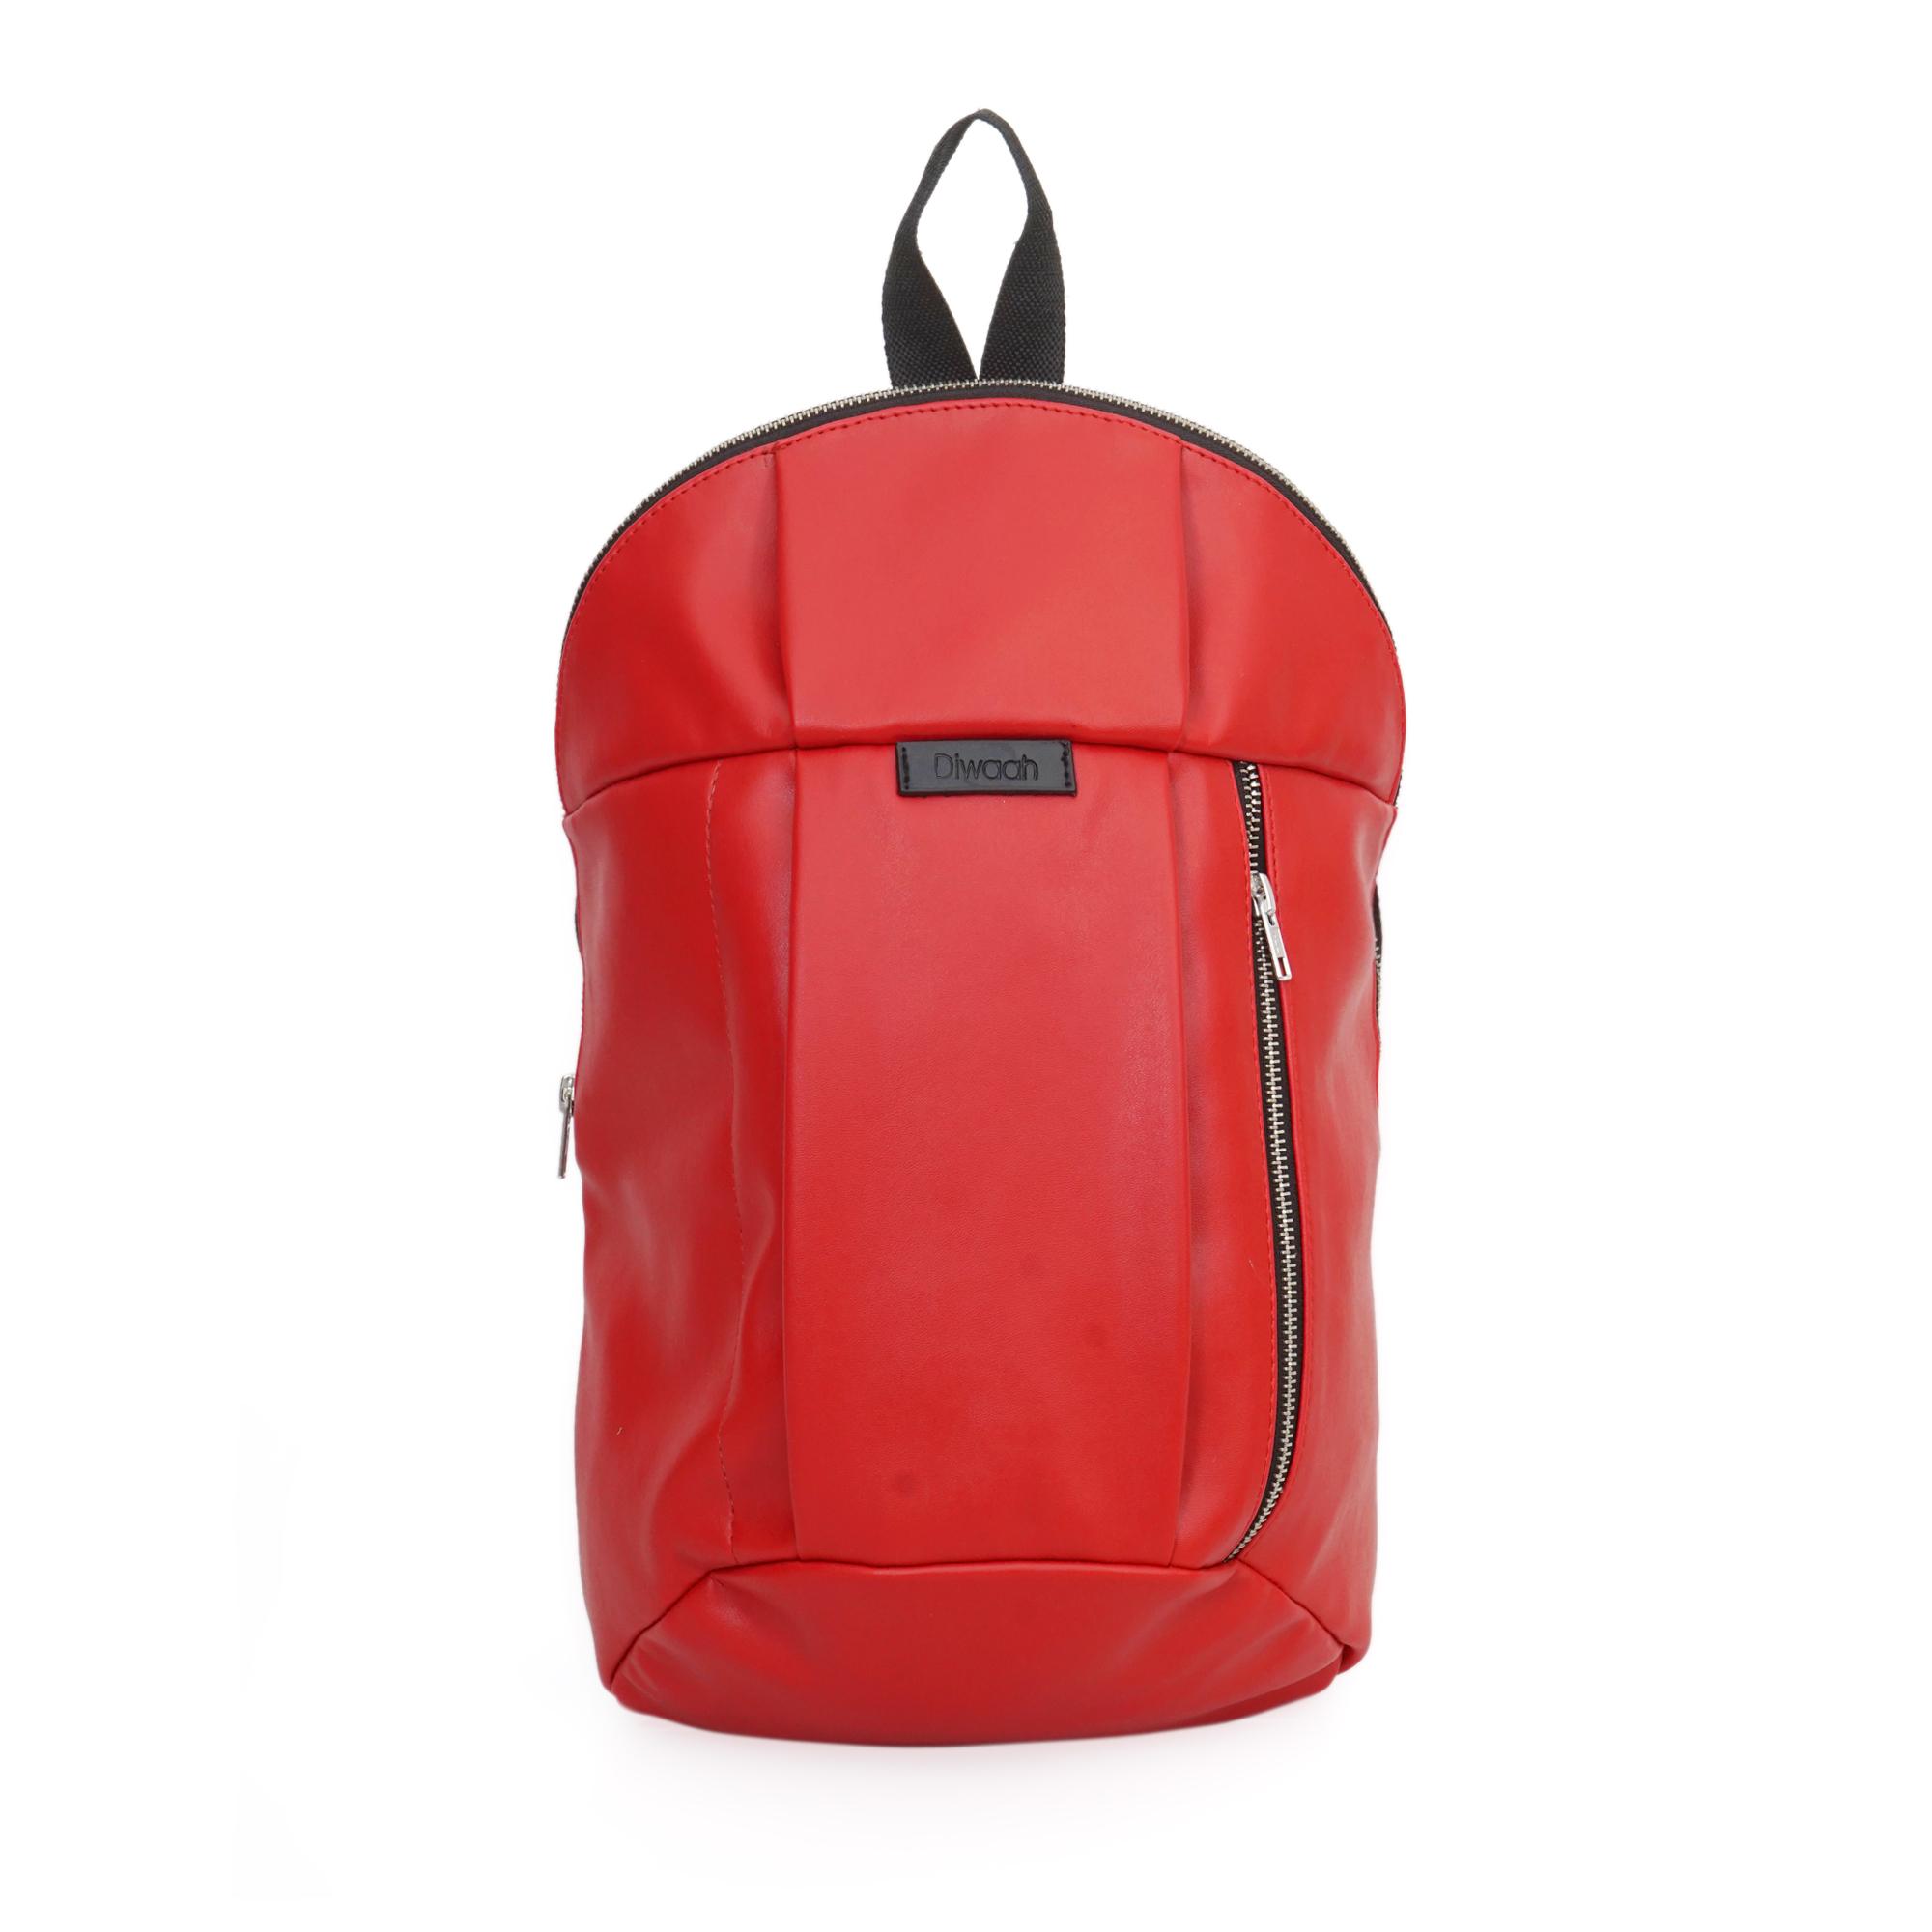 DIWAAH | Diwaah Red Color Casual Backpack